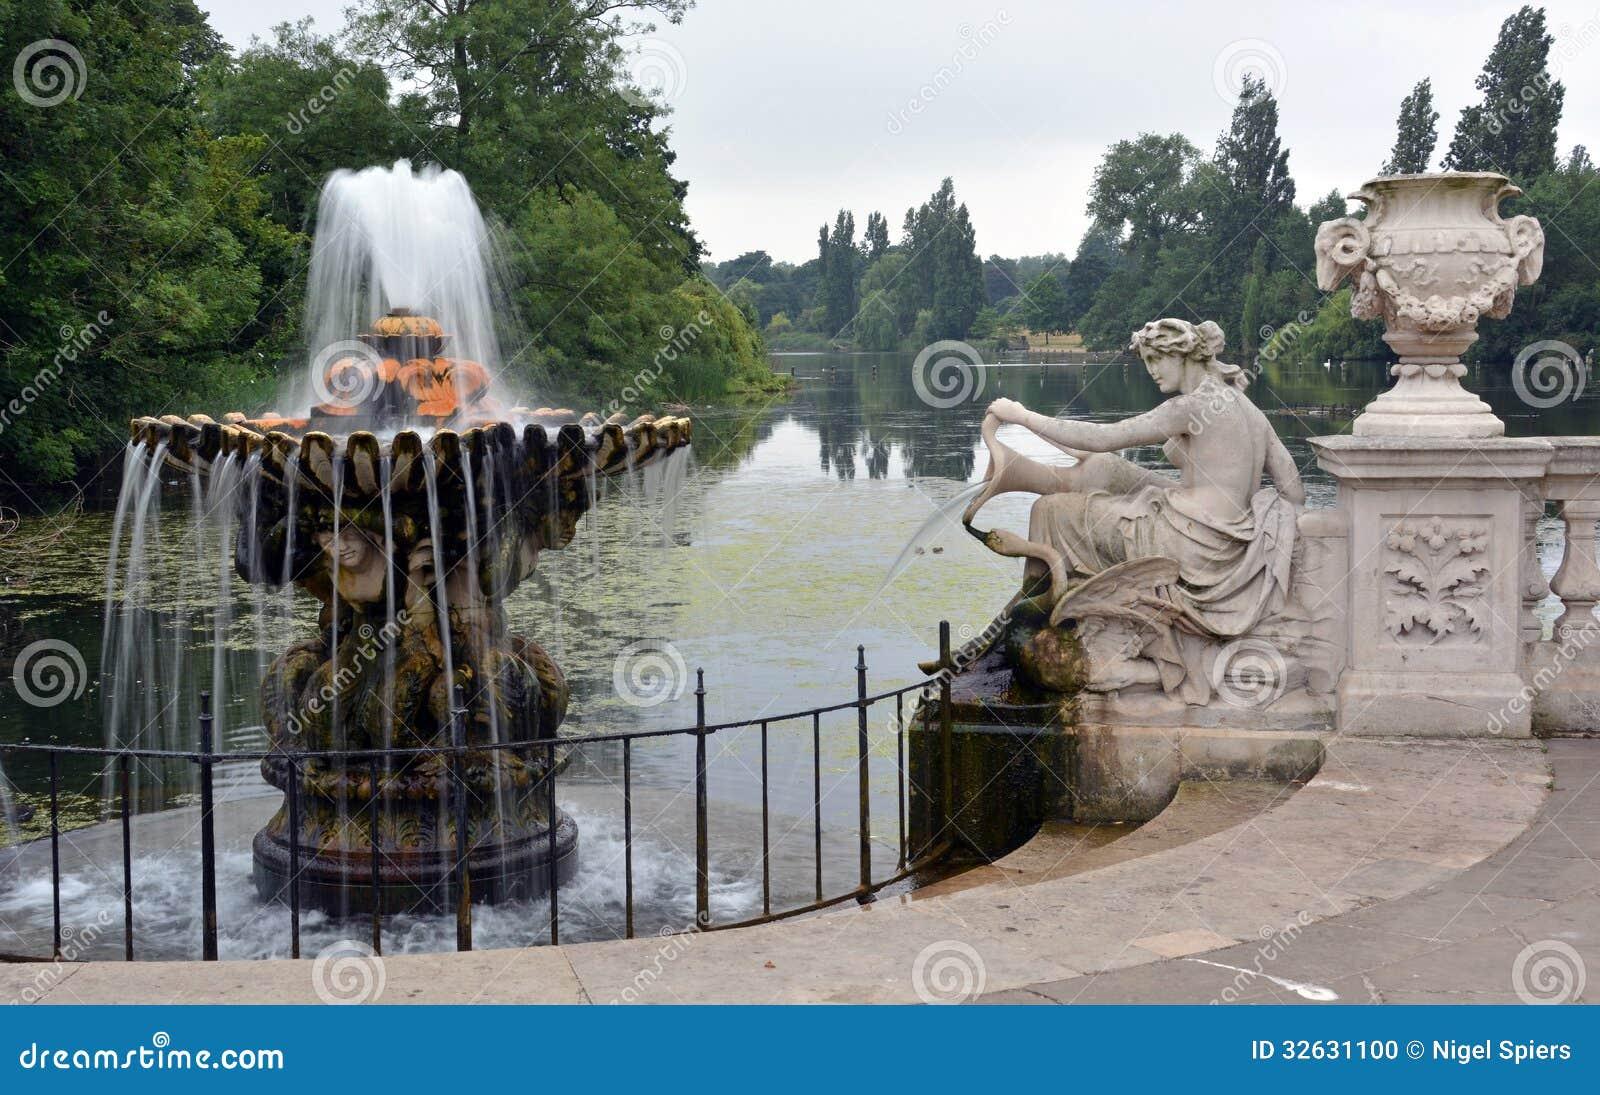 意大利庭院&蛇纹石,海德公园,伦敦